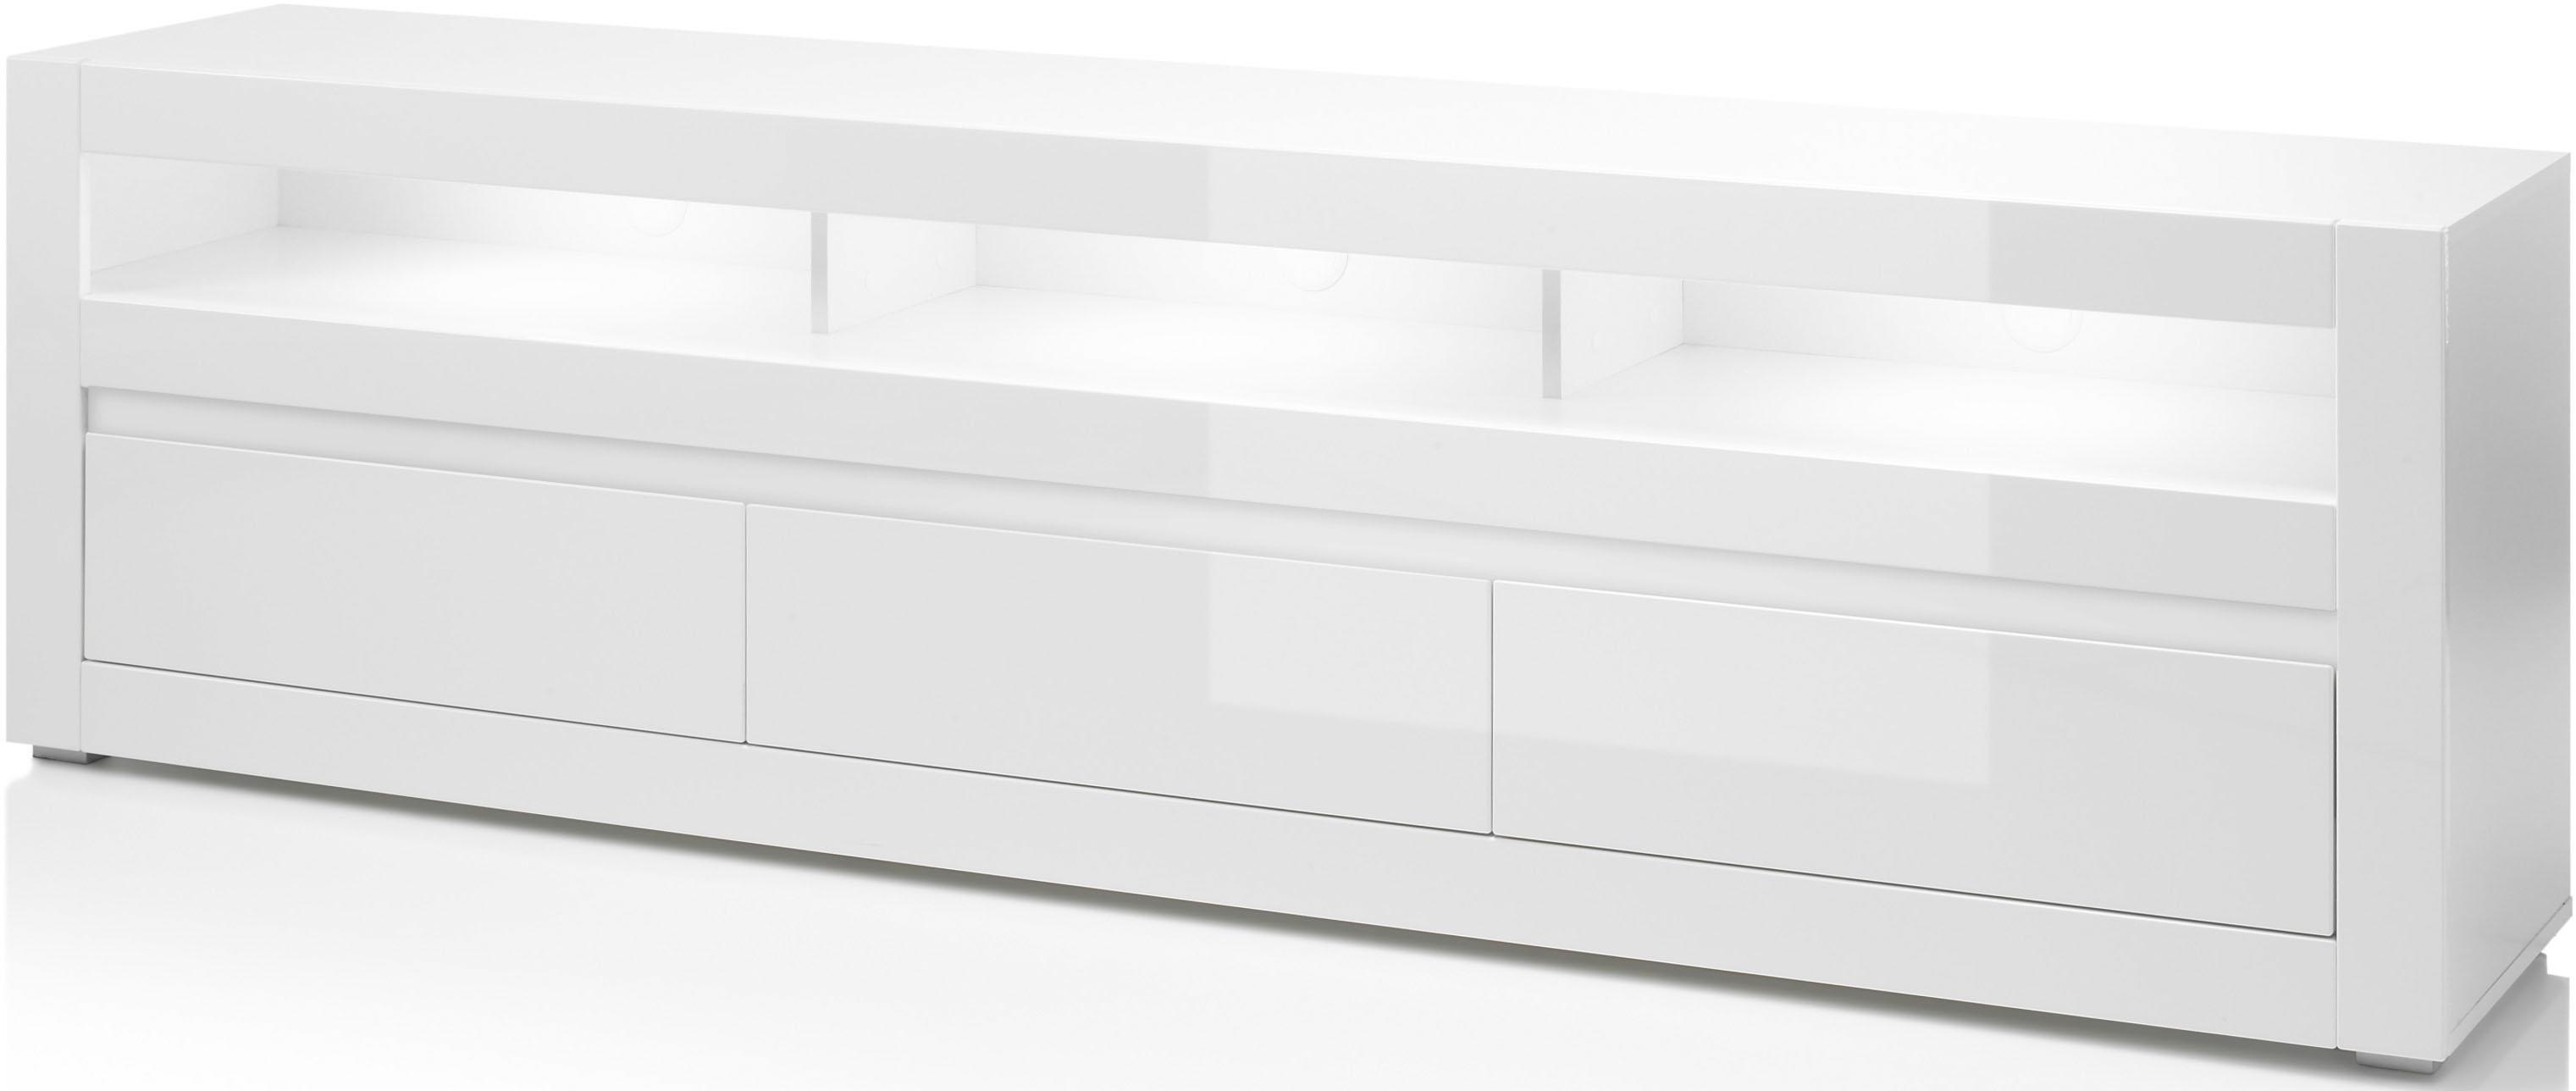 Tv-meubel »Carat«, breedte 217 cm online kopen op otto.nl